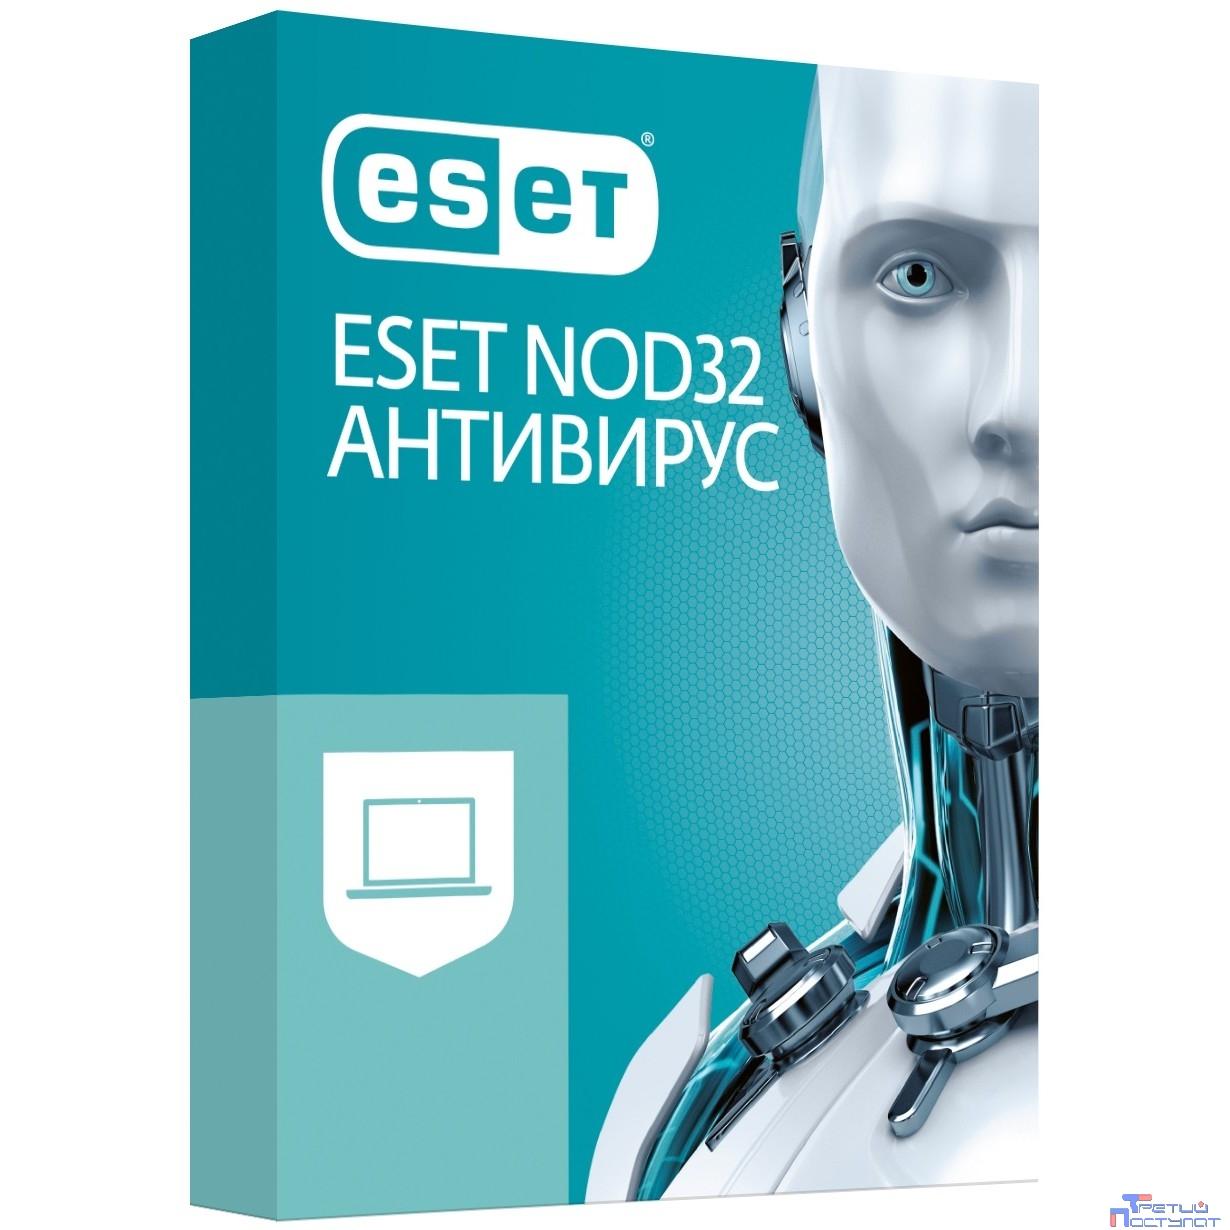 NOD32-ENA-1220(BOX)-1-1 ESET NOD32 Антивирус + Bonus + расширенный функционал  -[на 1 год на 3ПК или продл на 20 месяцев]